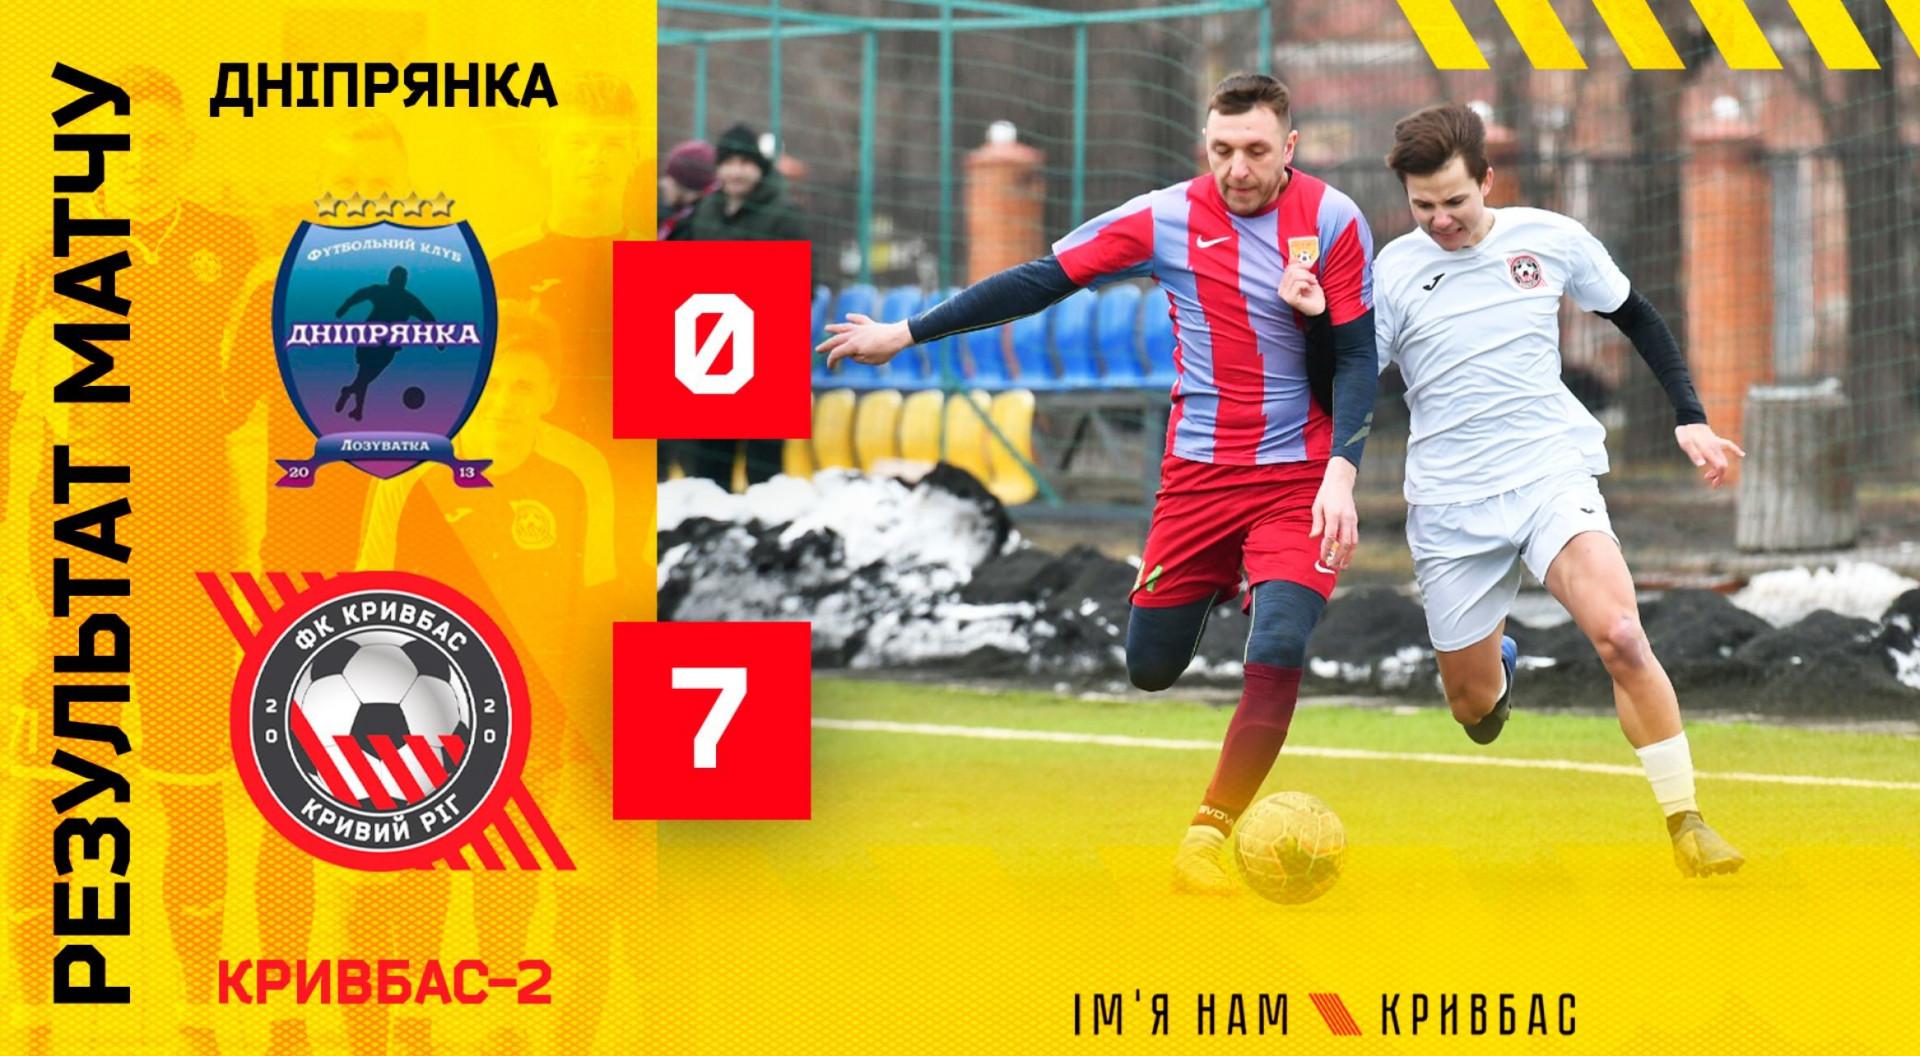 """""""Дніпрянка"""" - """"Кривбас-2"""" 0:7}"""